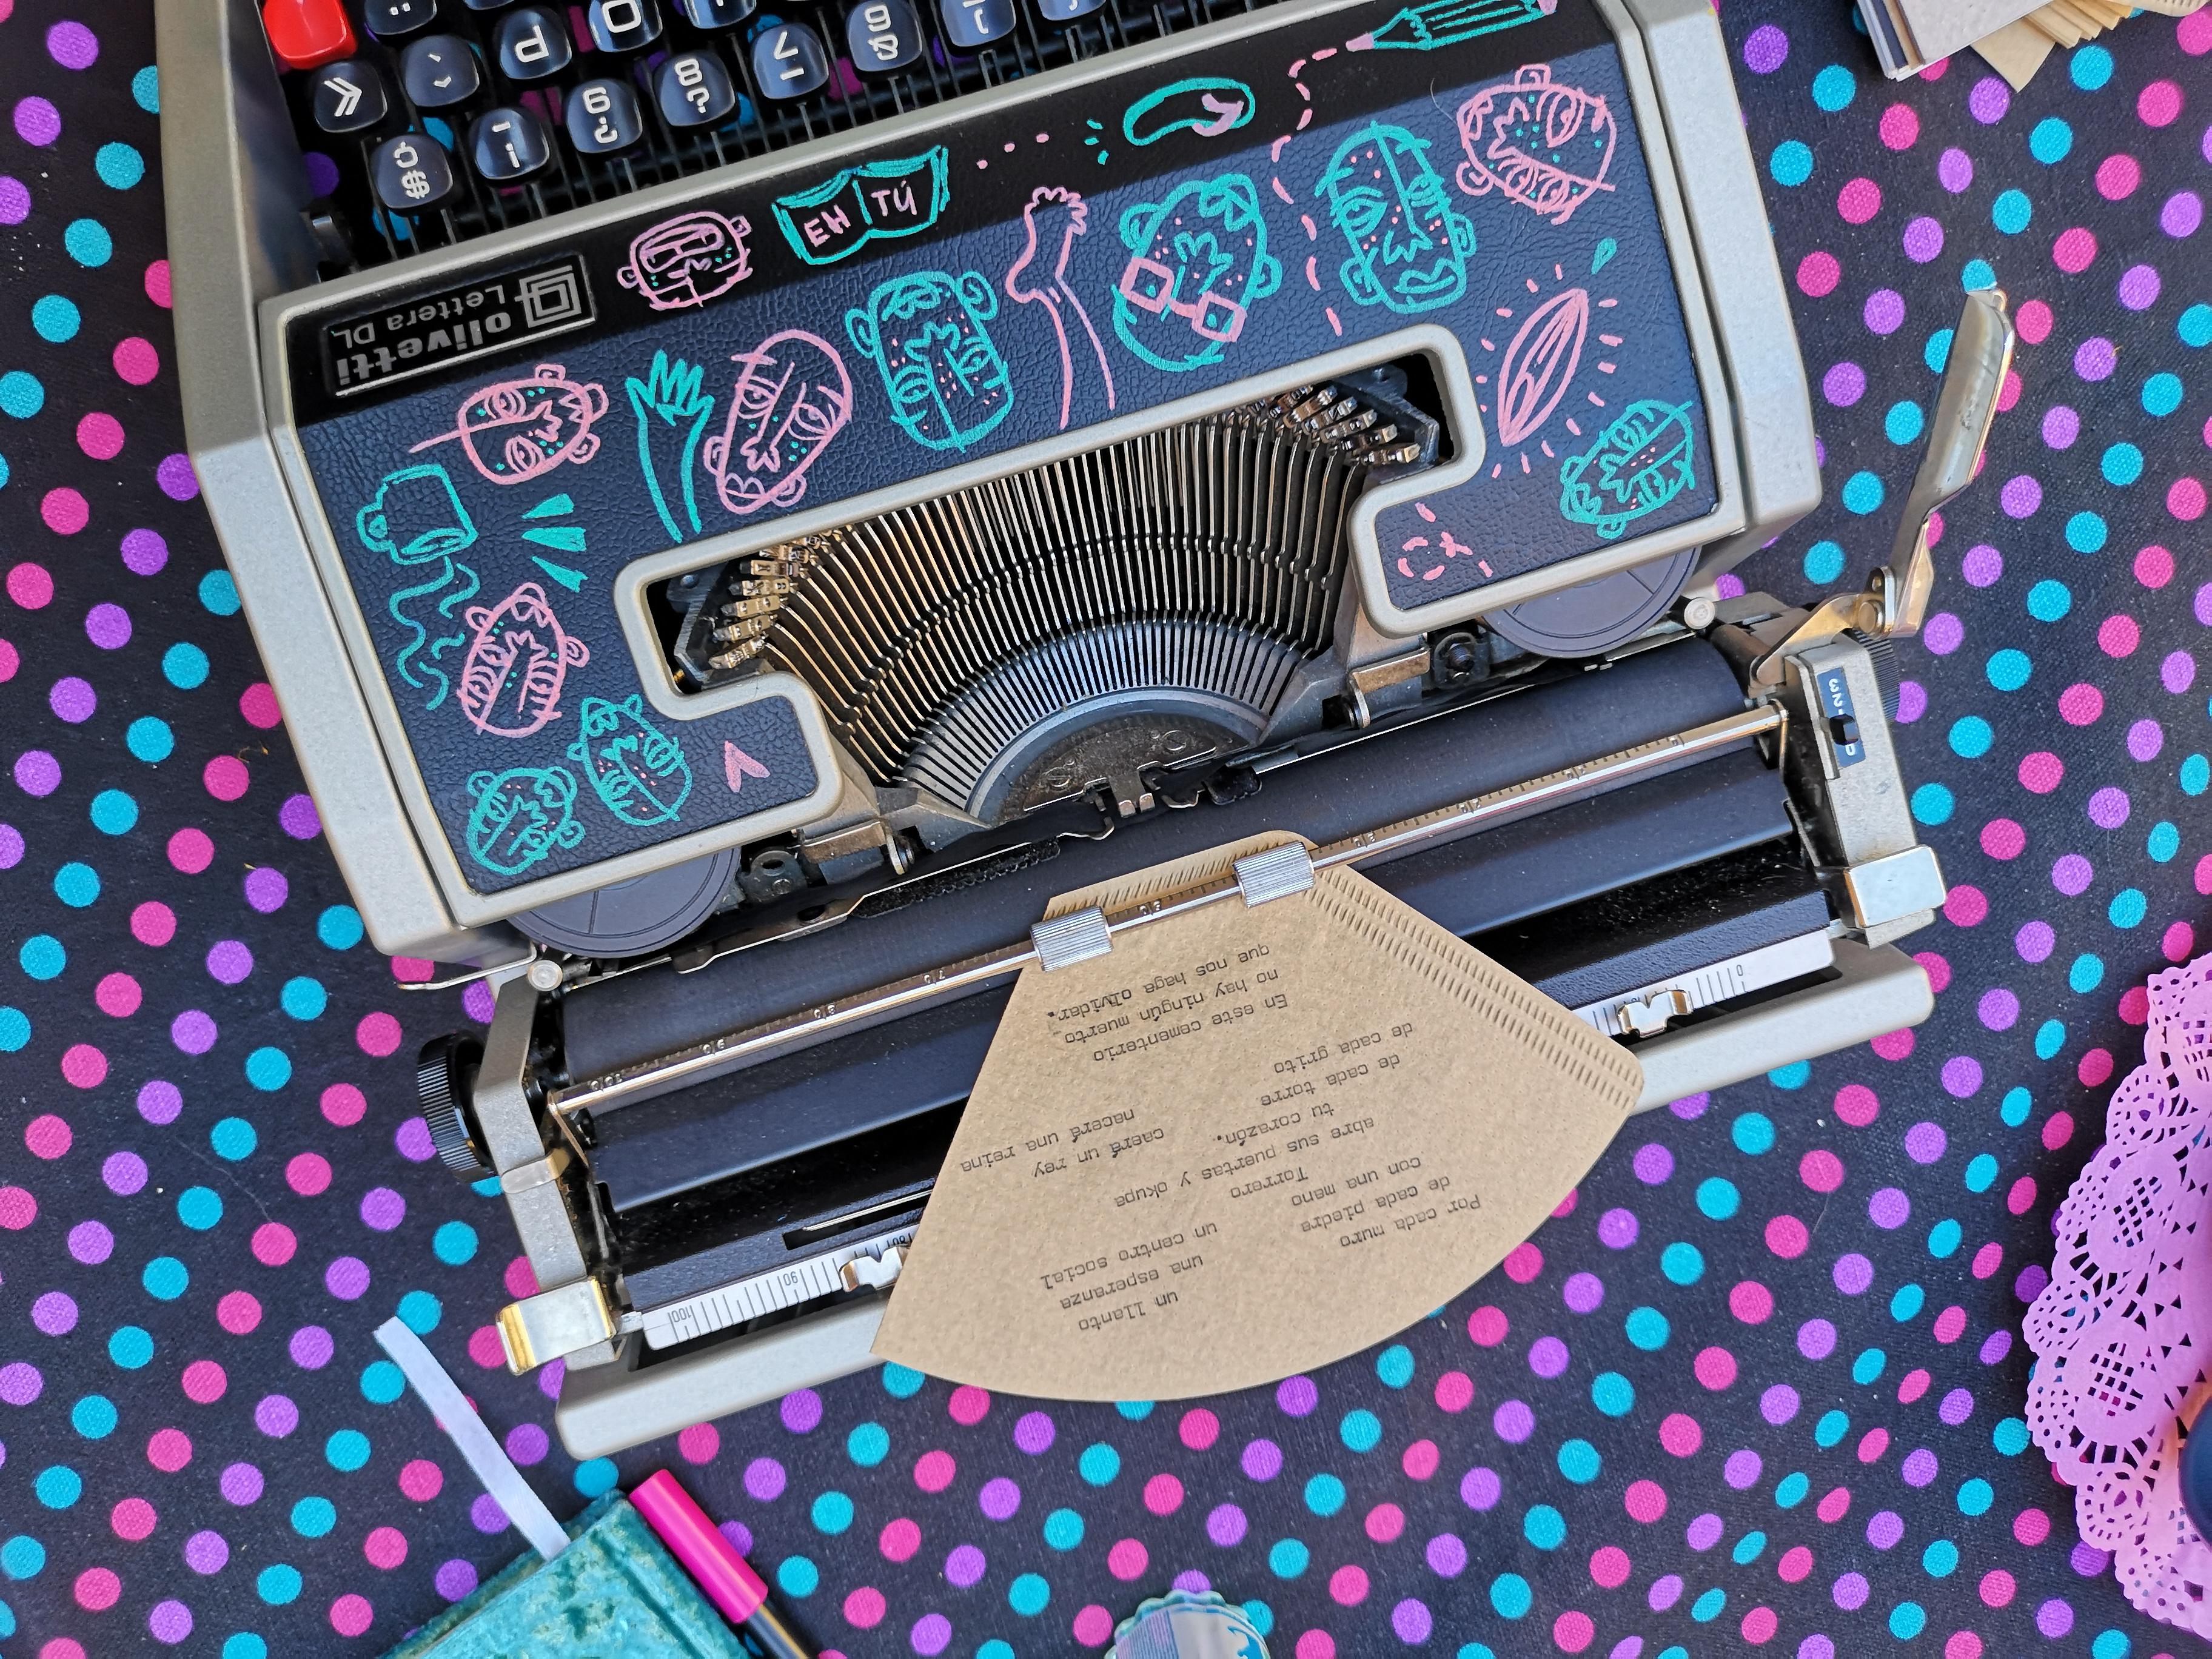 6- maquina de escribir de bea (1)